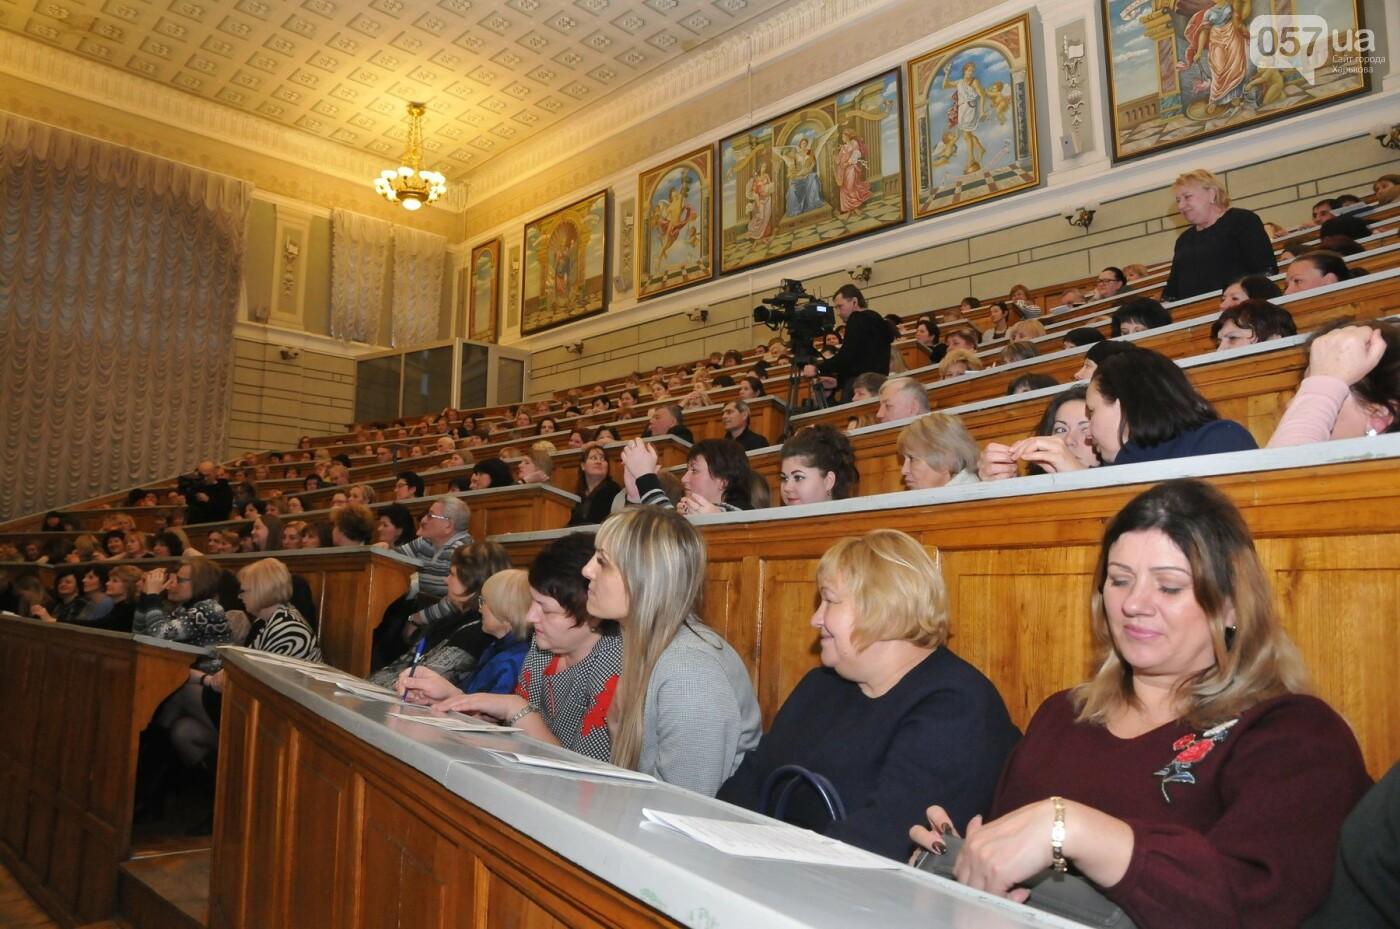 Руководитель комитета ВР по образованию и науке встретился с харьковскими педагогами, фото-4